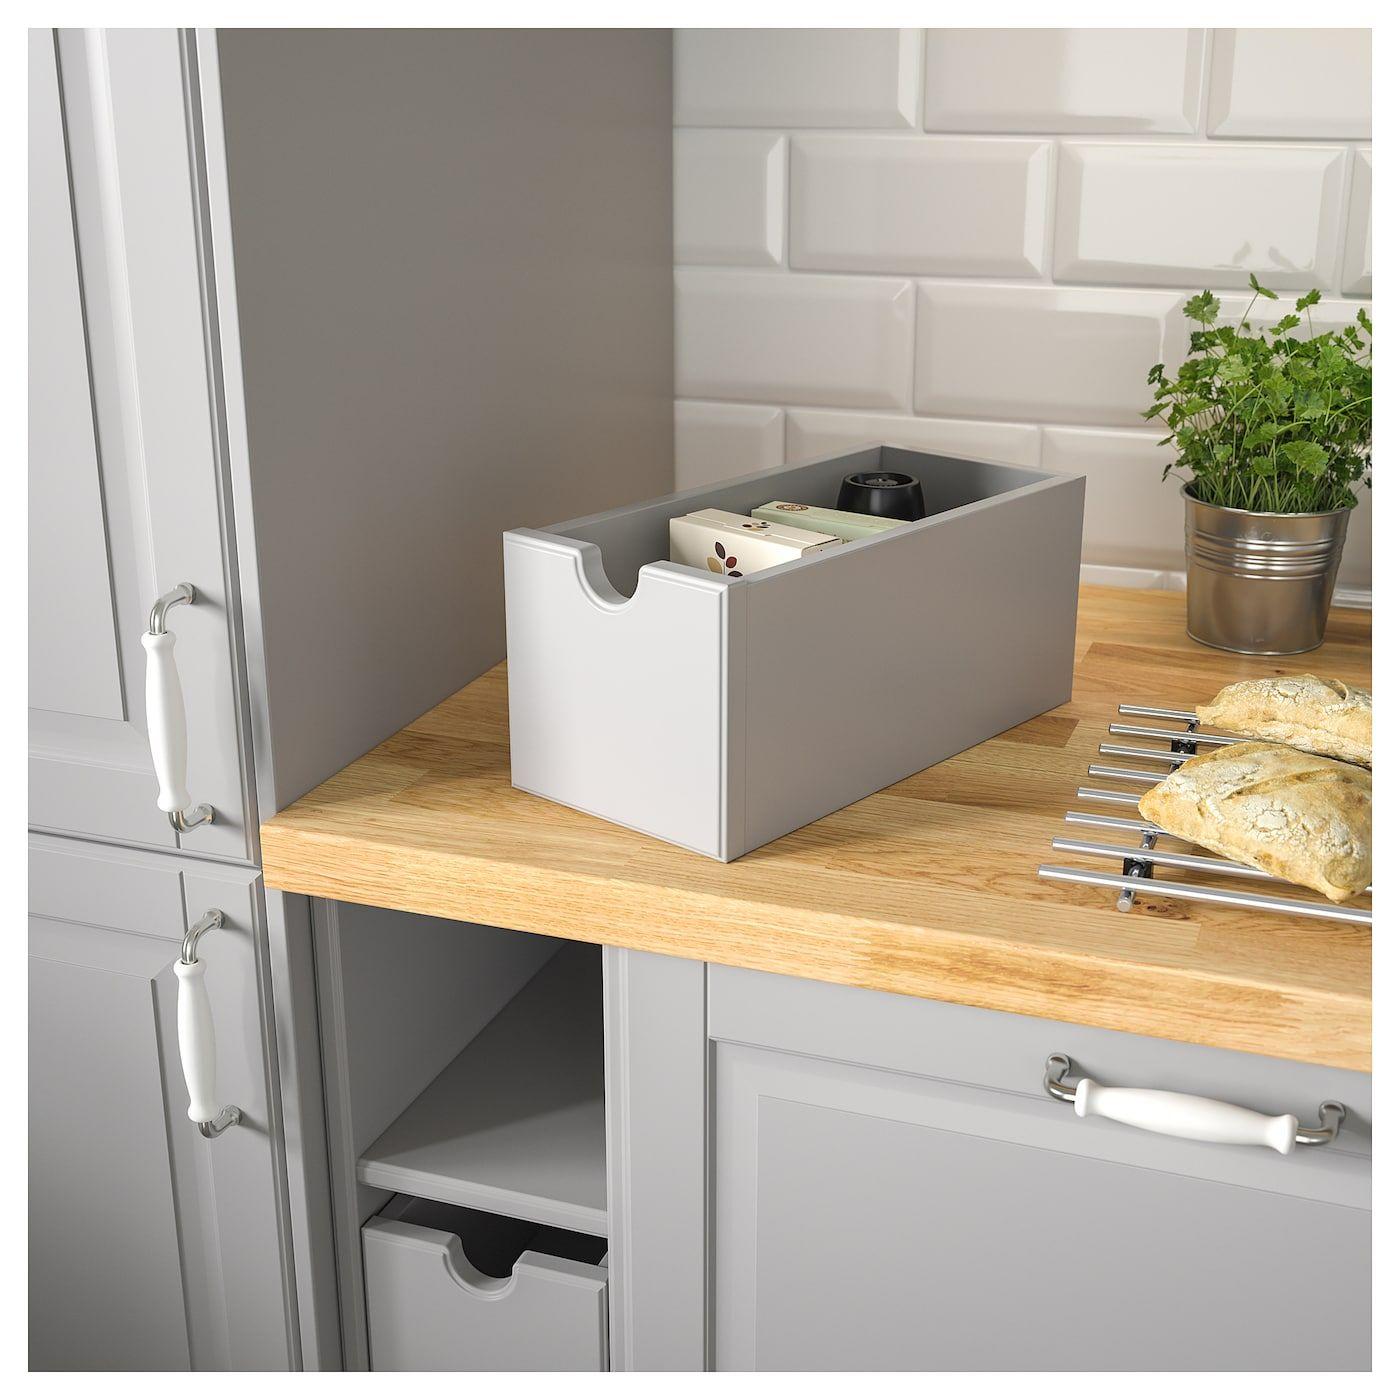 Tornviken Box Grau Arbeitsplatte Ikea Und Grau